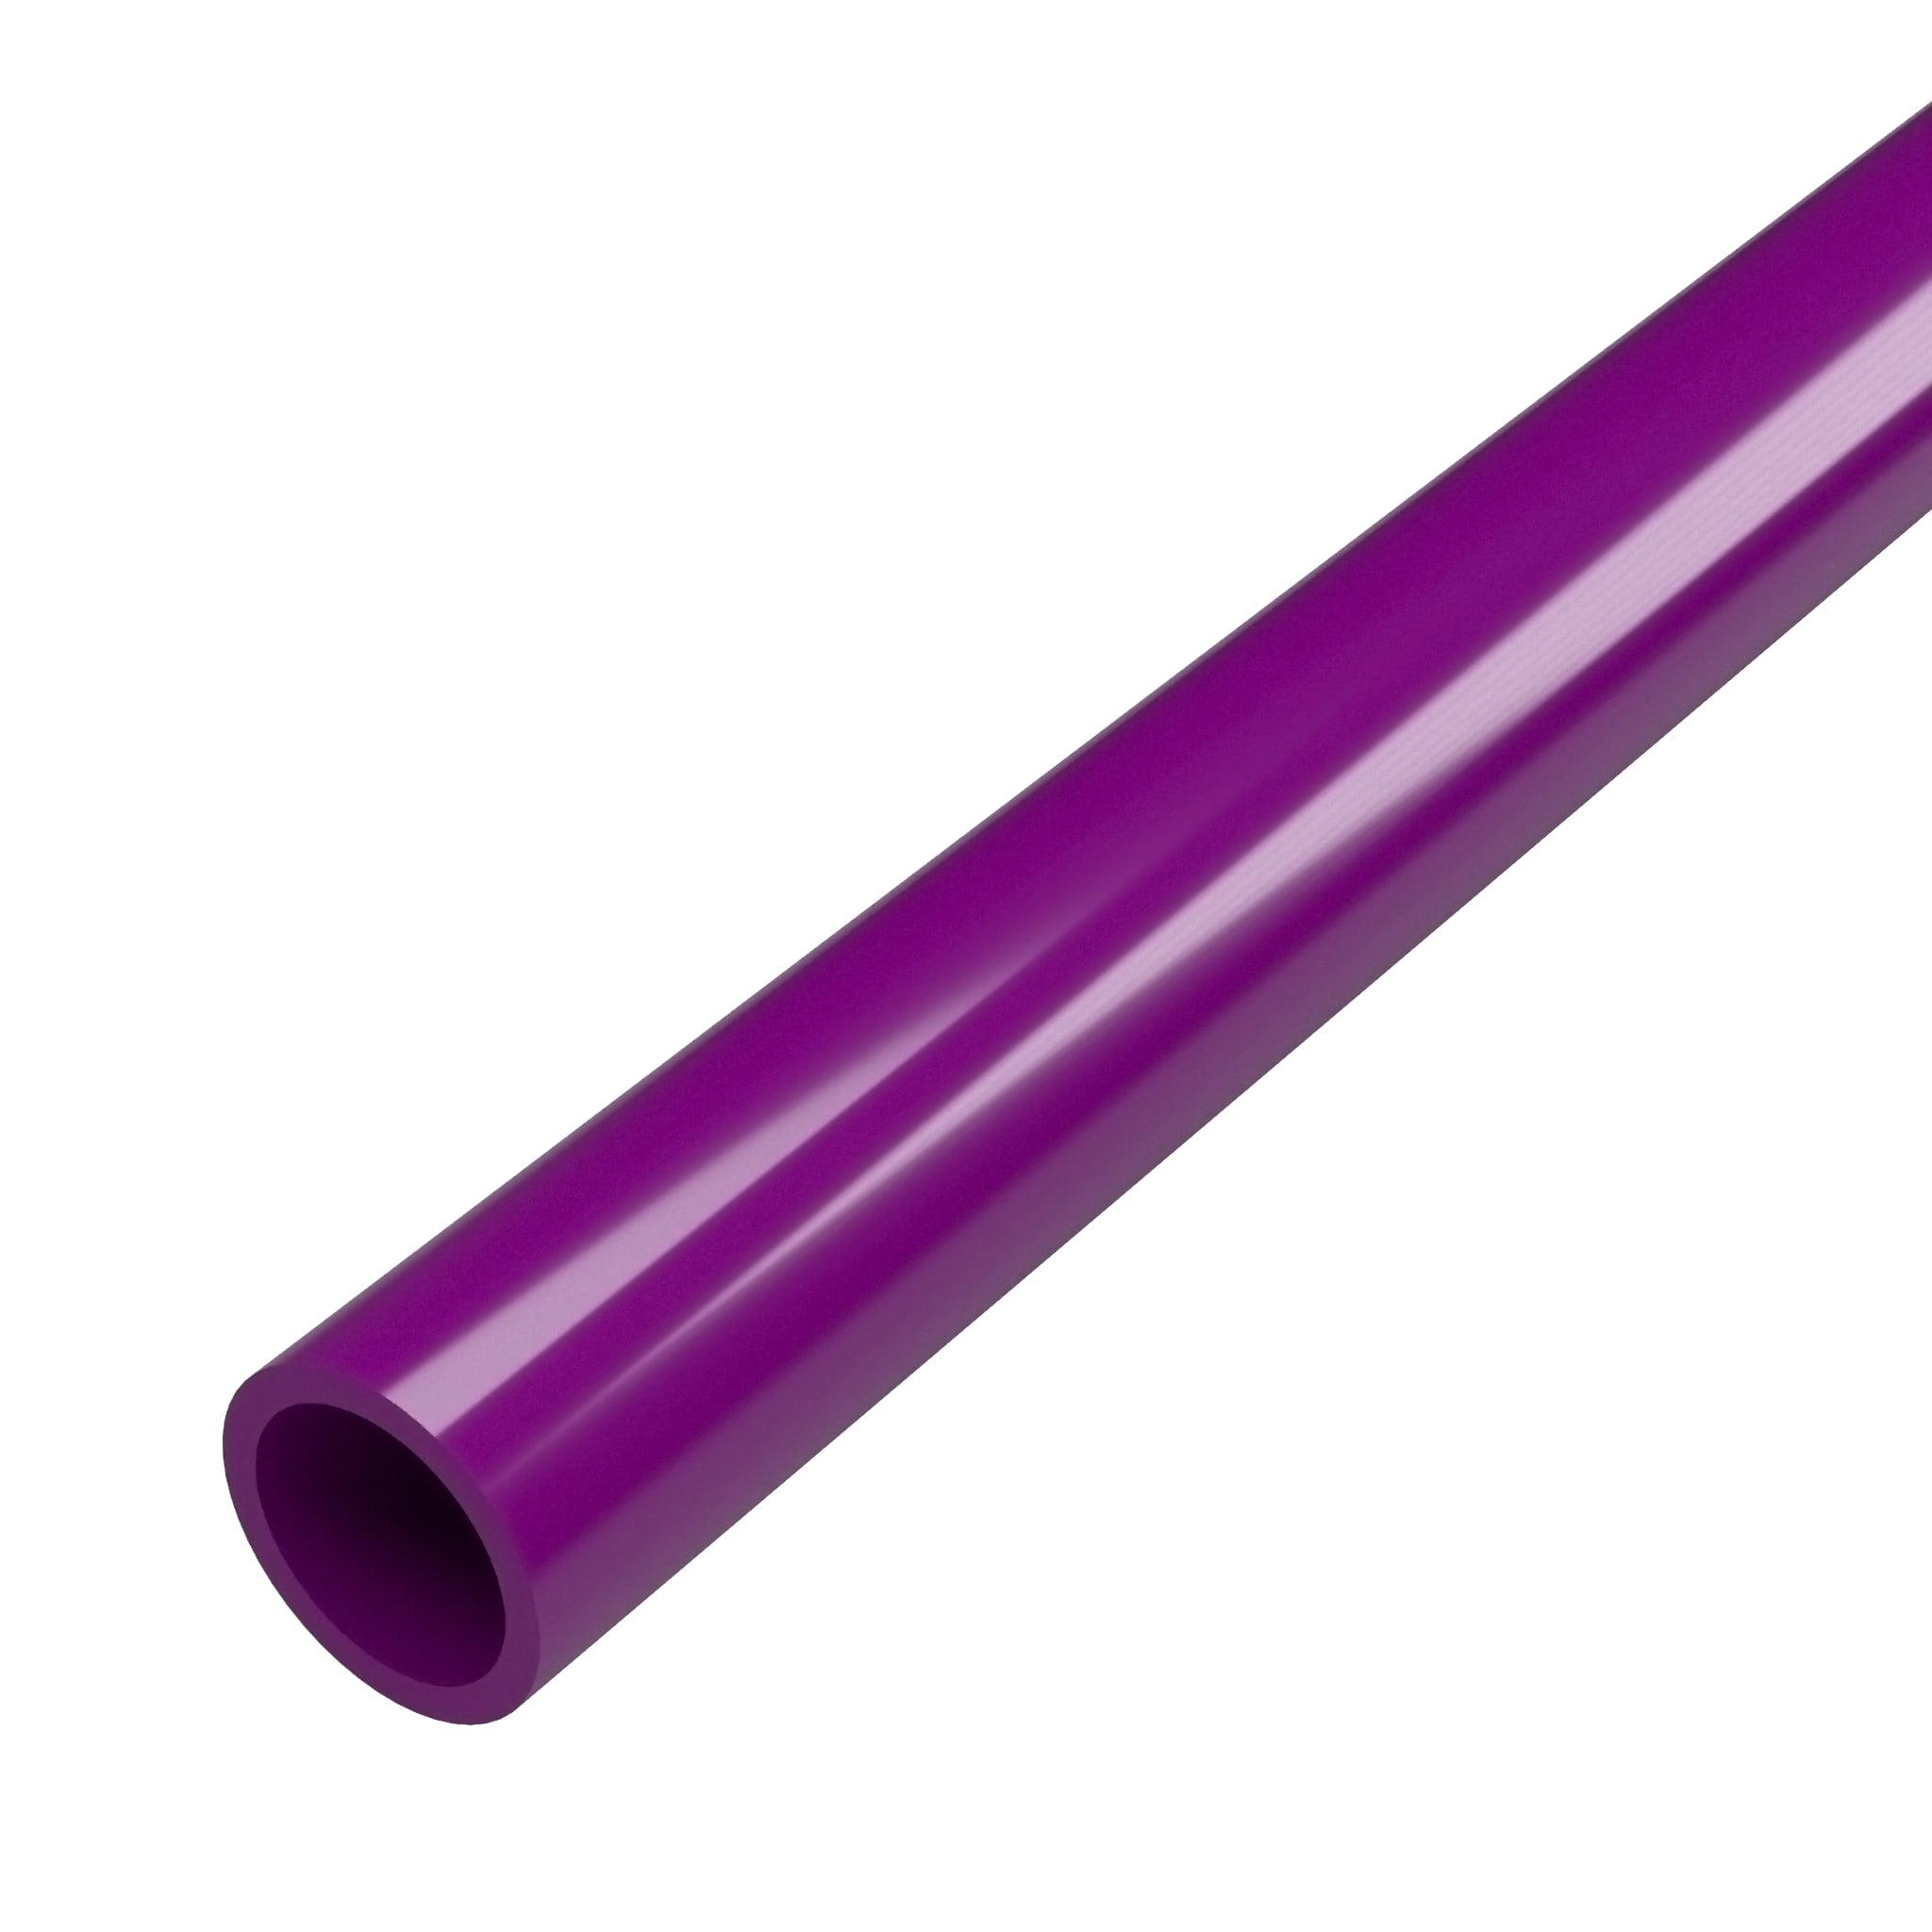 FORMUFIT P034FGP-PU-5 Schedule 40 PVC Pipe, Furniture Grade, 5-Feet, 3/4 in. Size, Purple